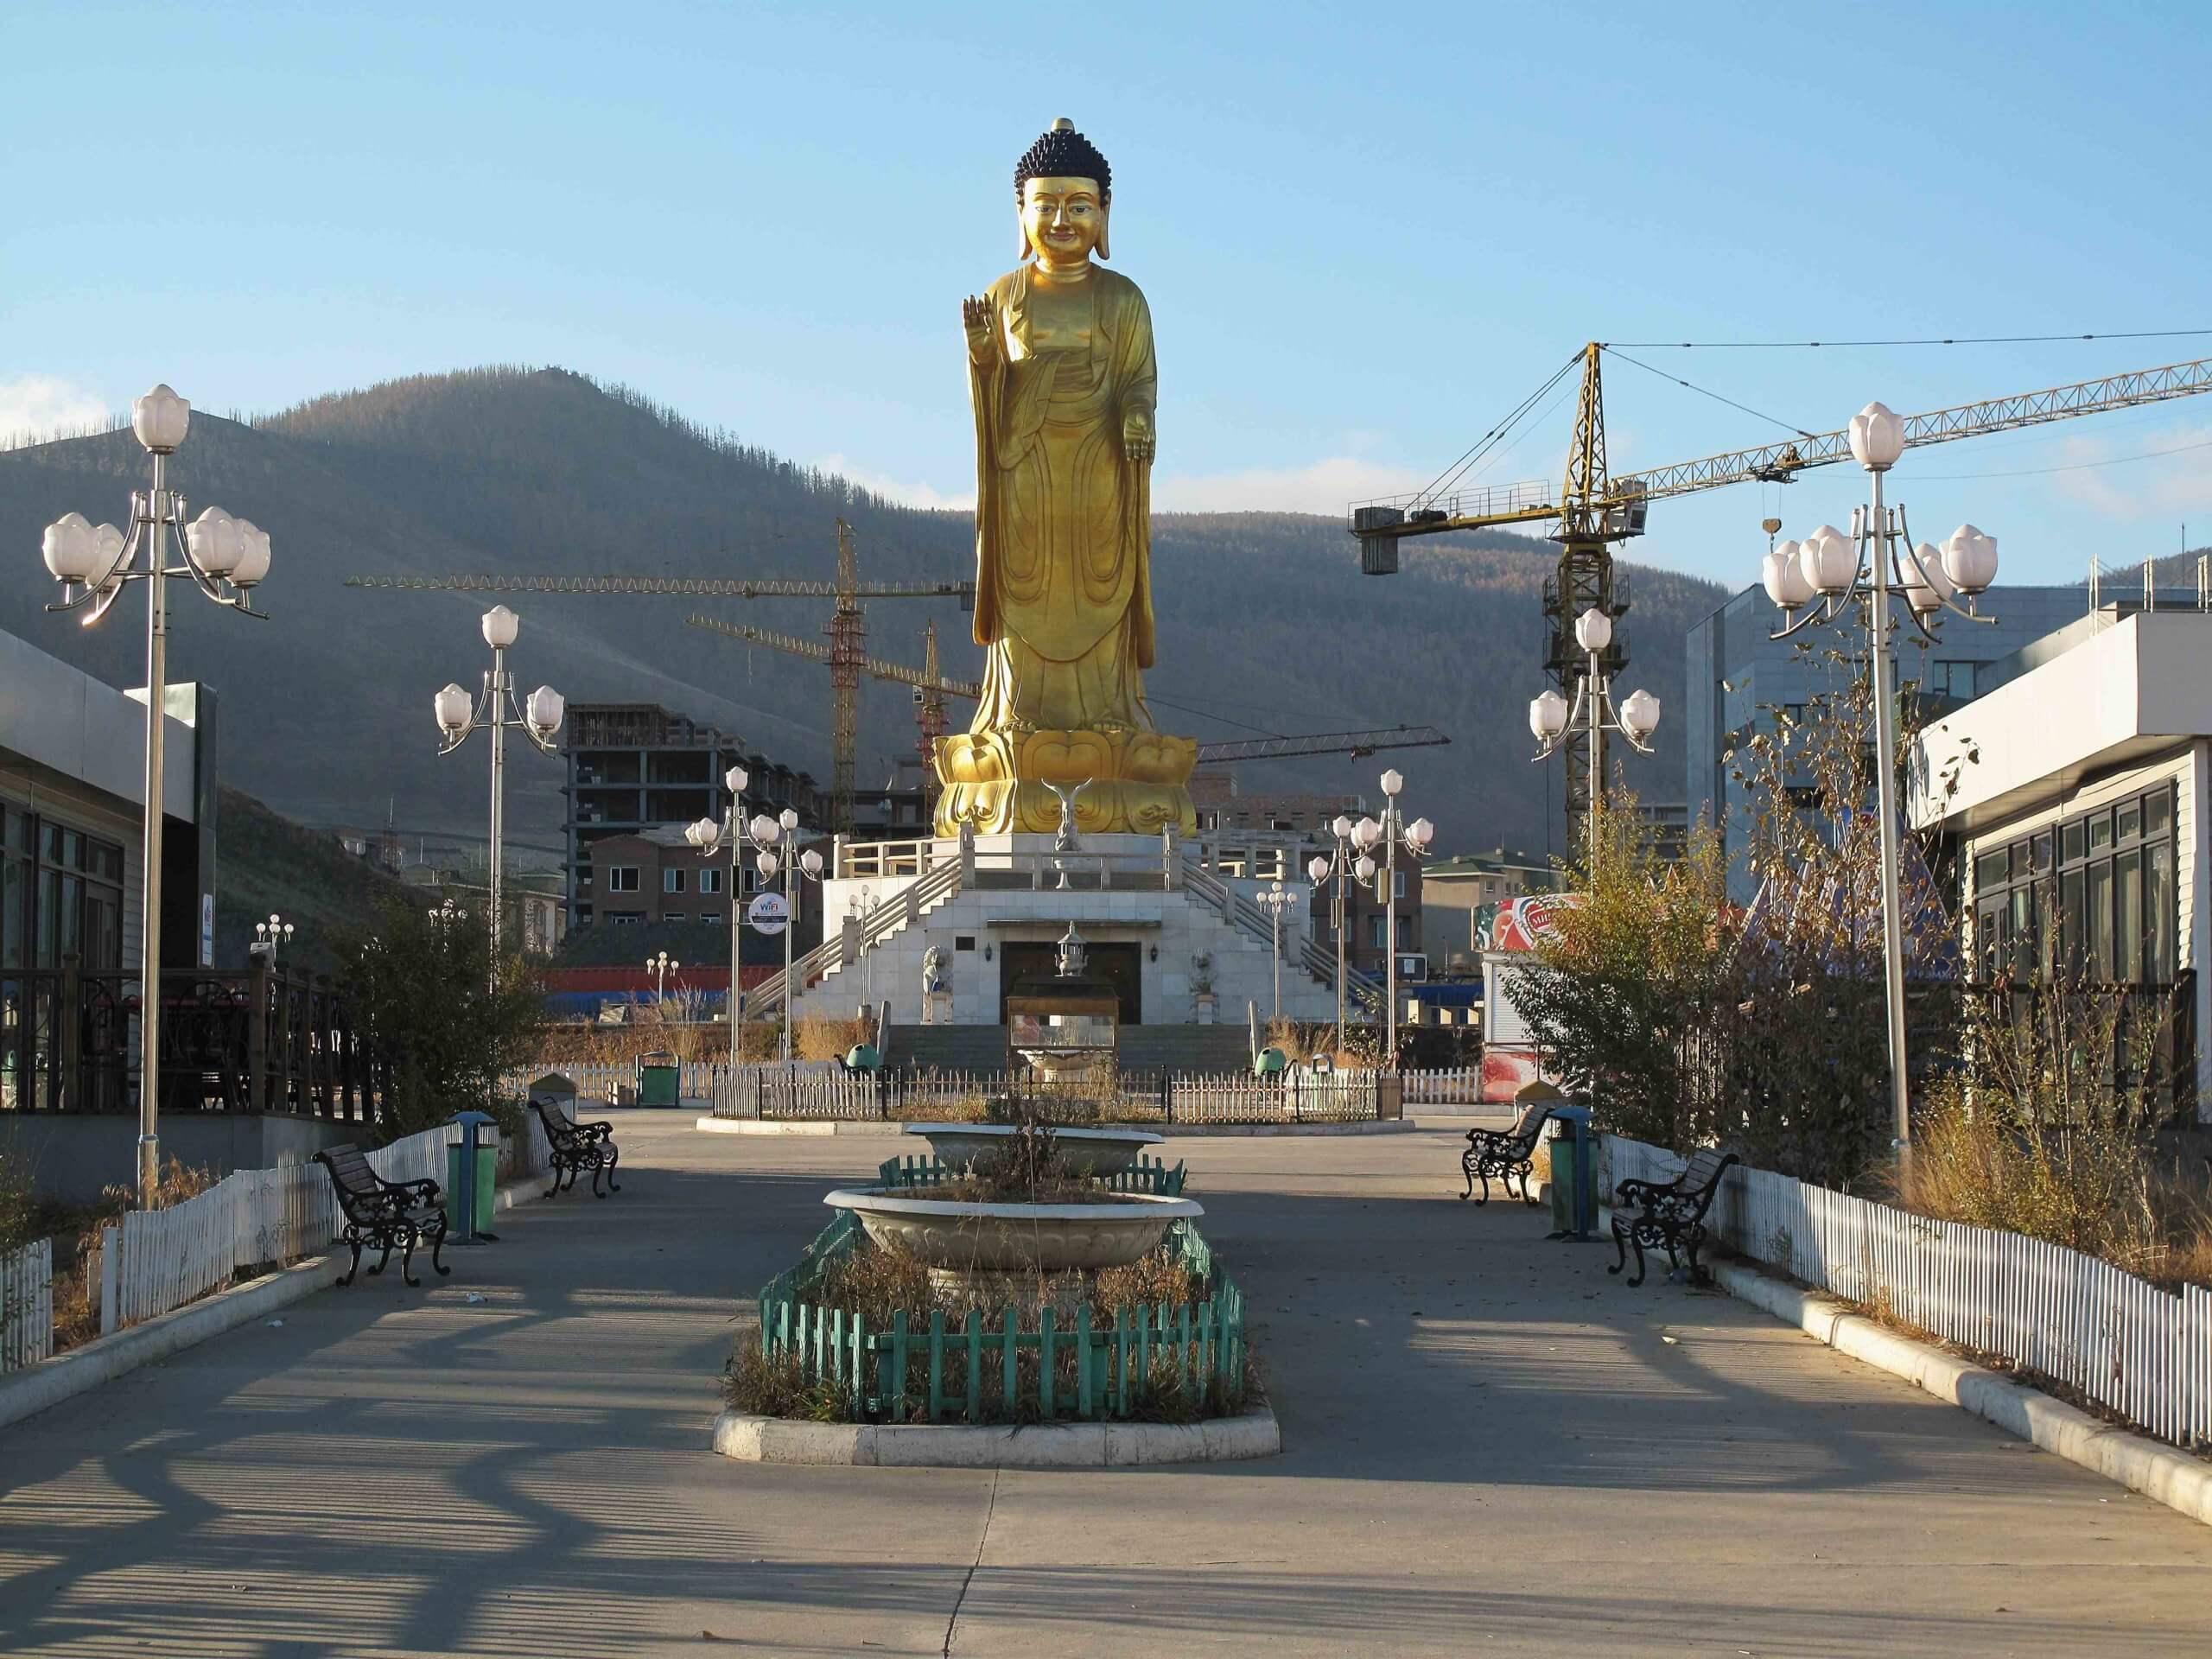 Сочетание несочетаемого: мемориал Красной армии и Международный парк Будды на горе Богд Хан – противоречивы, как и сама Монголия